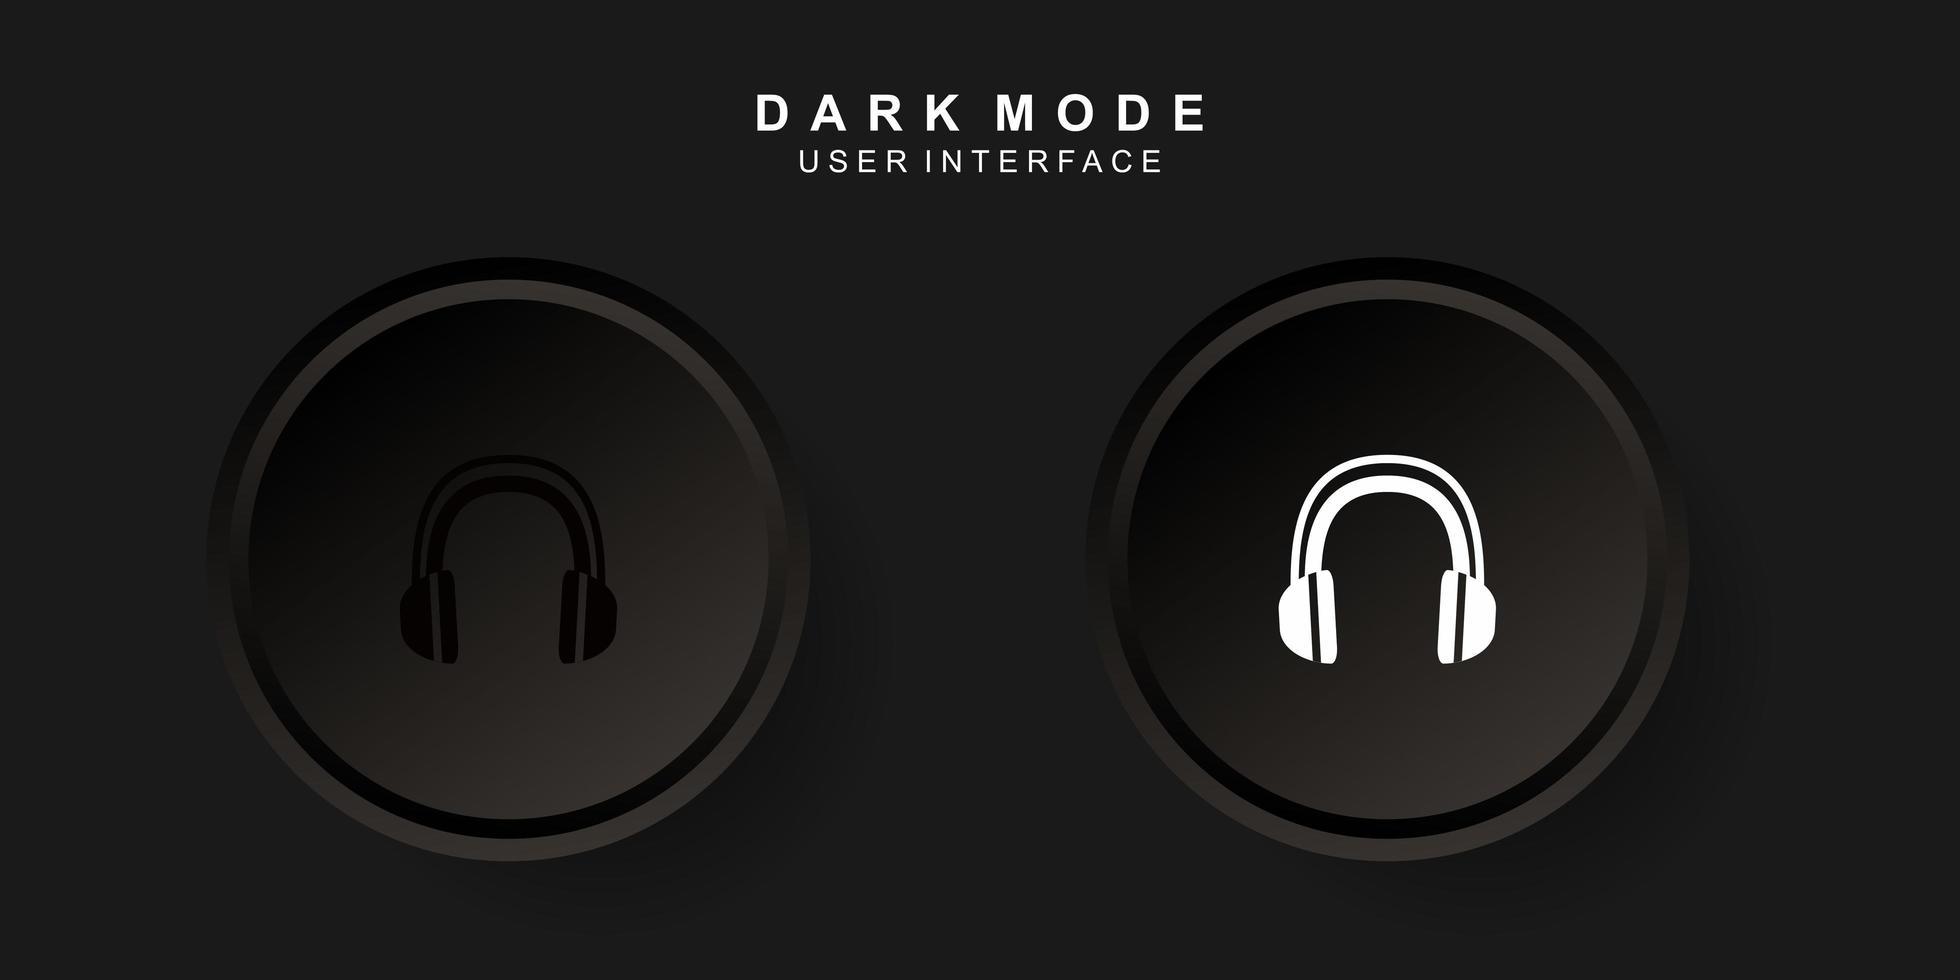 einfache kreative Headset-Benutzeroberfläche im Neumorphismus-Design. einfach modern und minimalistisch. vektor